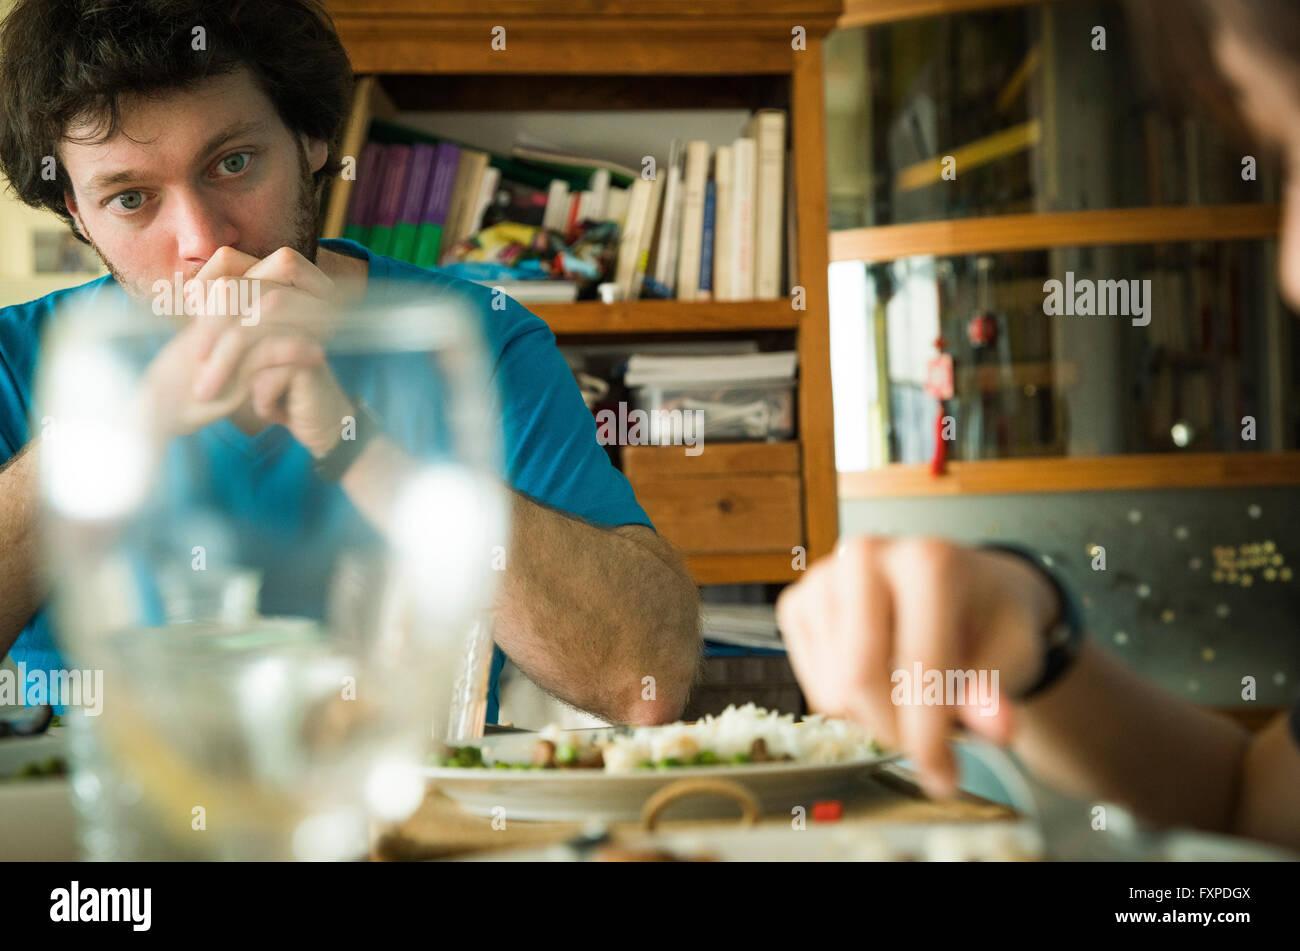 Mann, sitzend am Tisch mit Hände vor den Mund Stockbild